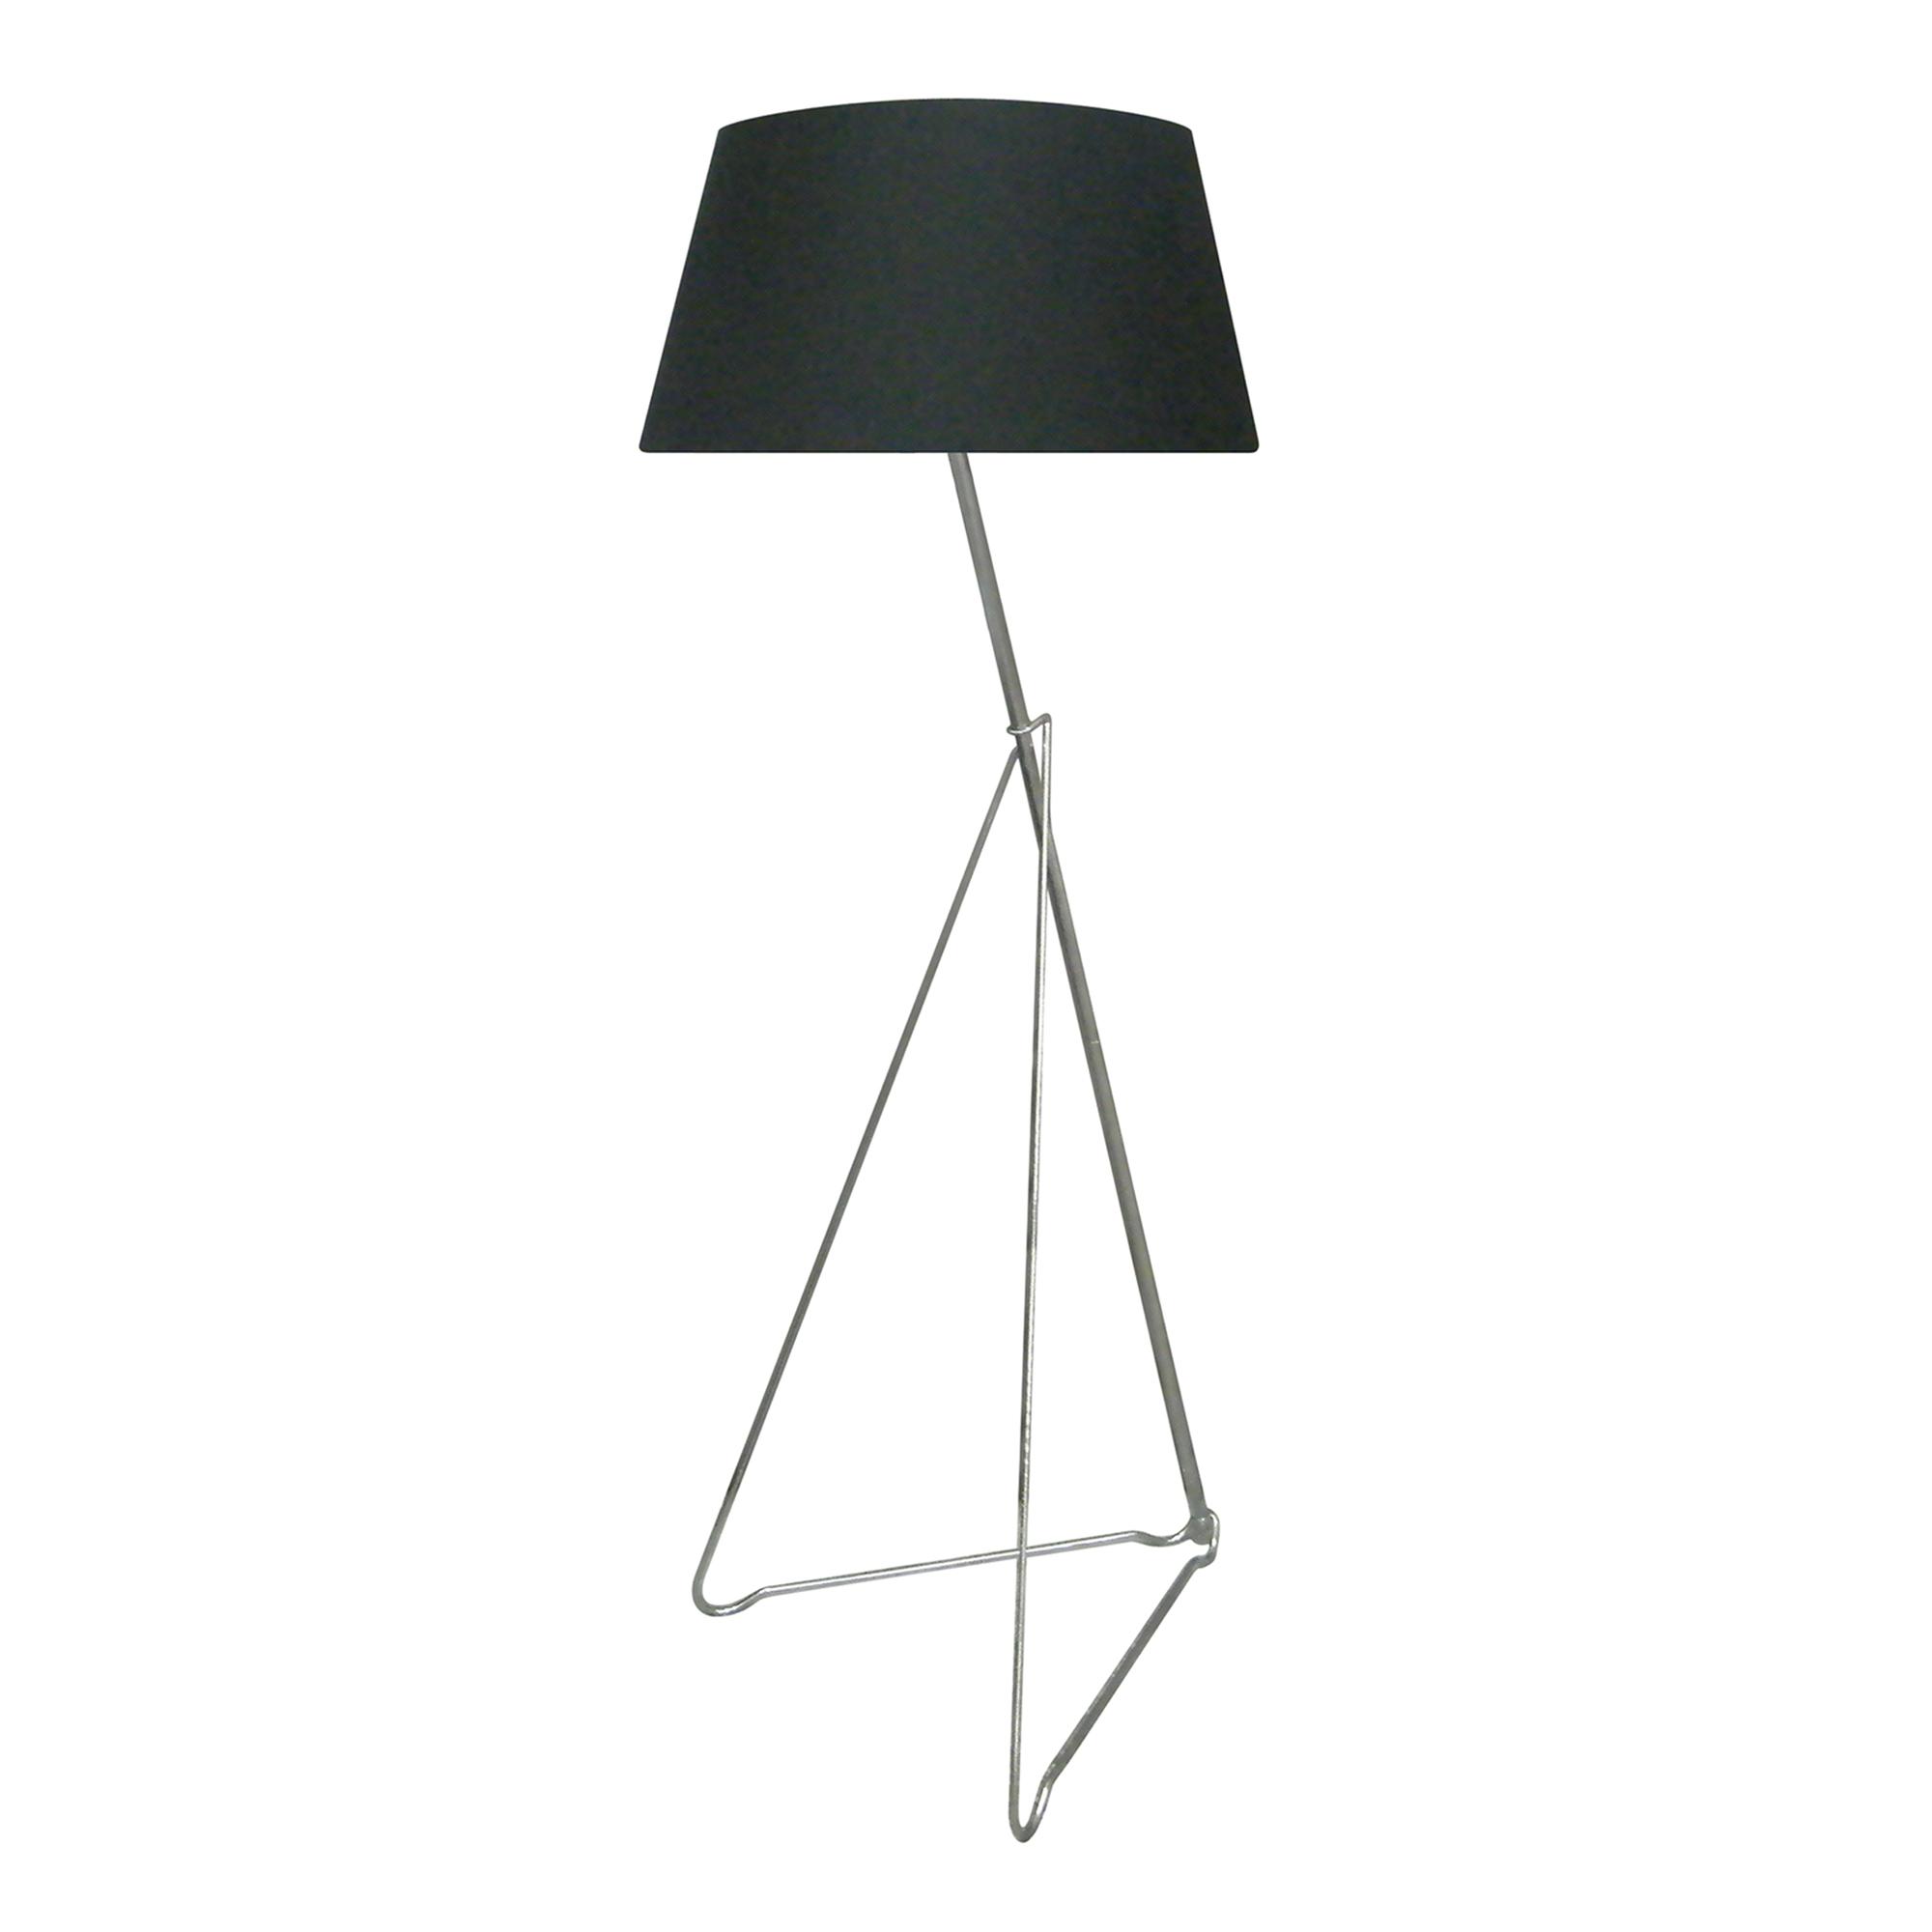 Ts 120628f Chbk Galileo Lampa Podłogowa Oświetlenie Salon